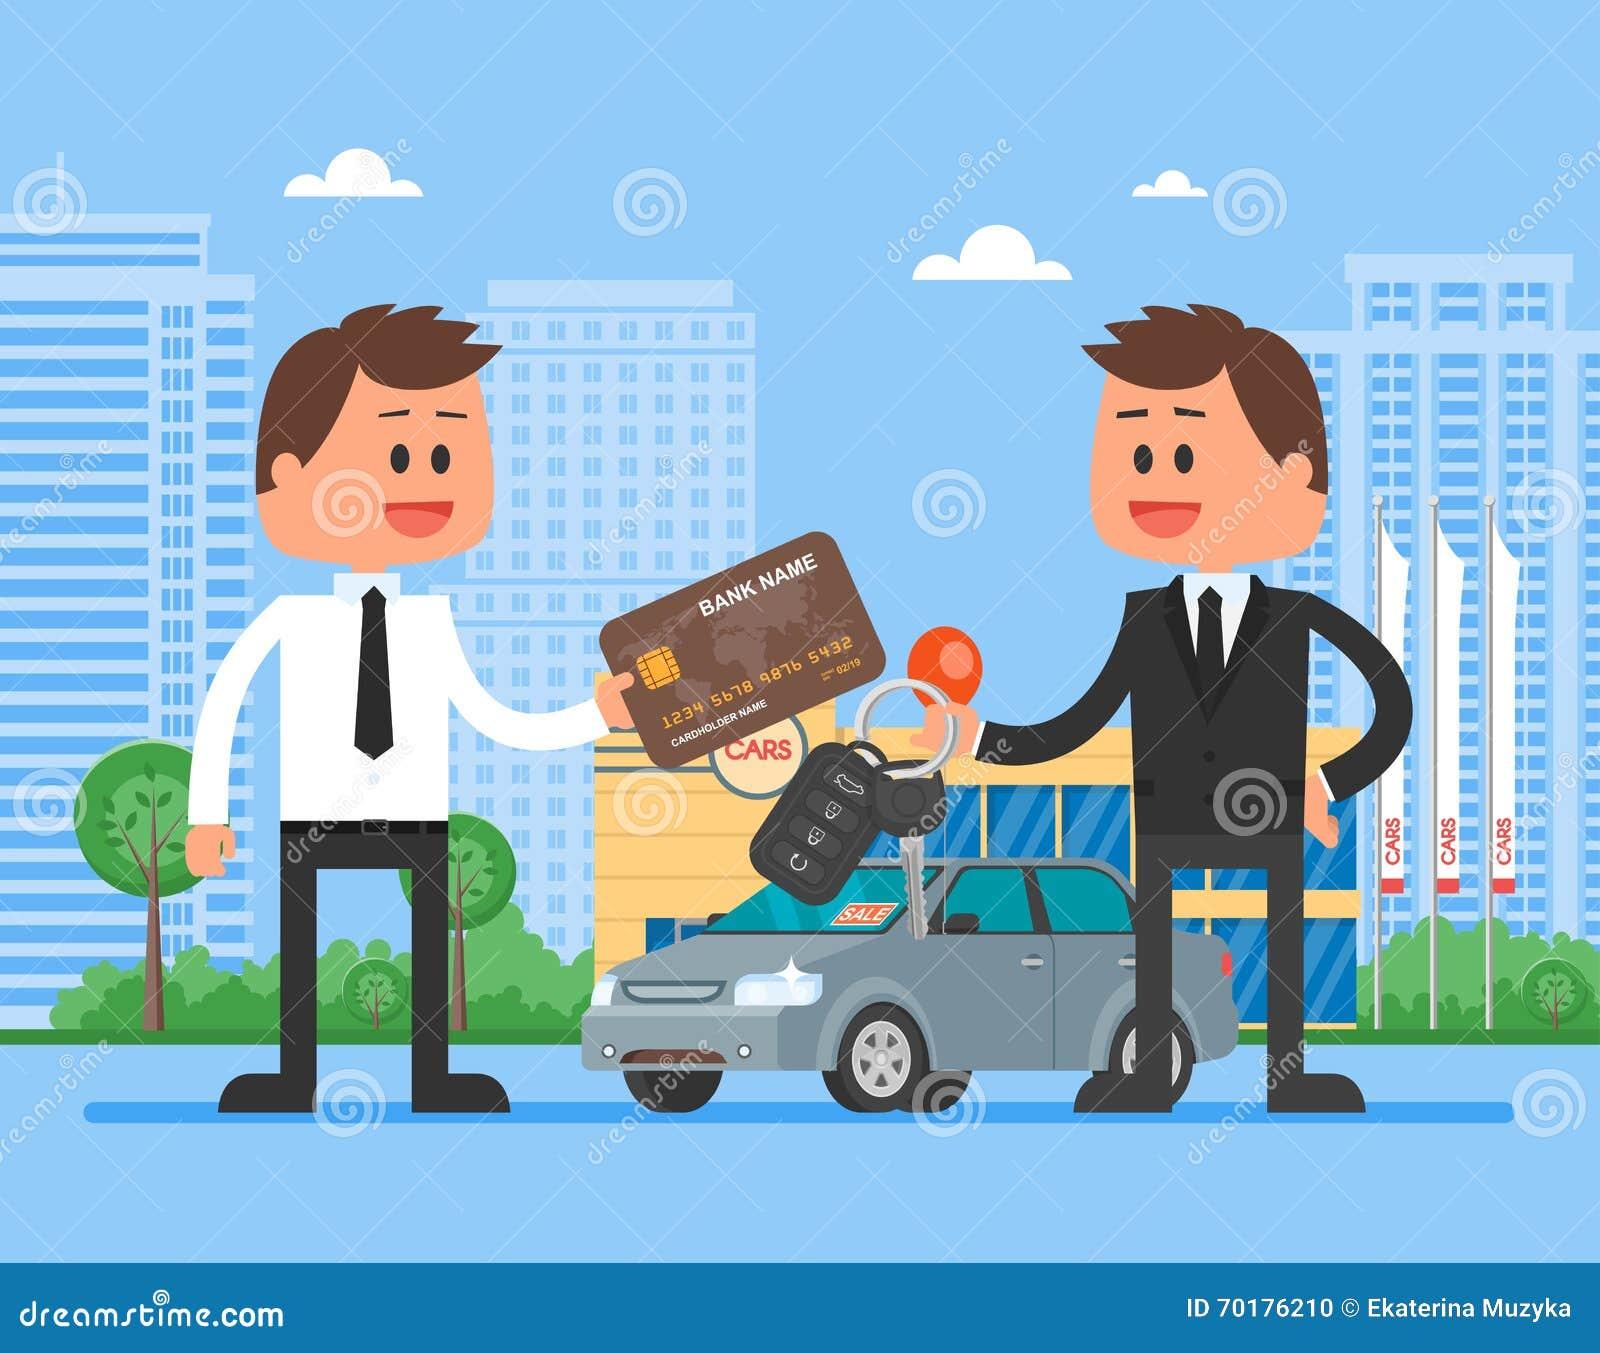 car sale vector illustration customer buying automobile from dealer concept salesman giving. Black Bedroom Furniture Sets. Home Design Ideas